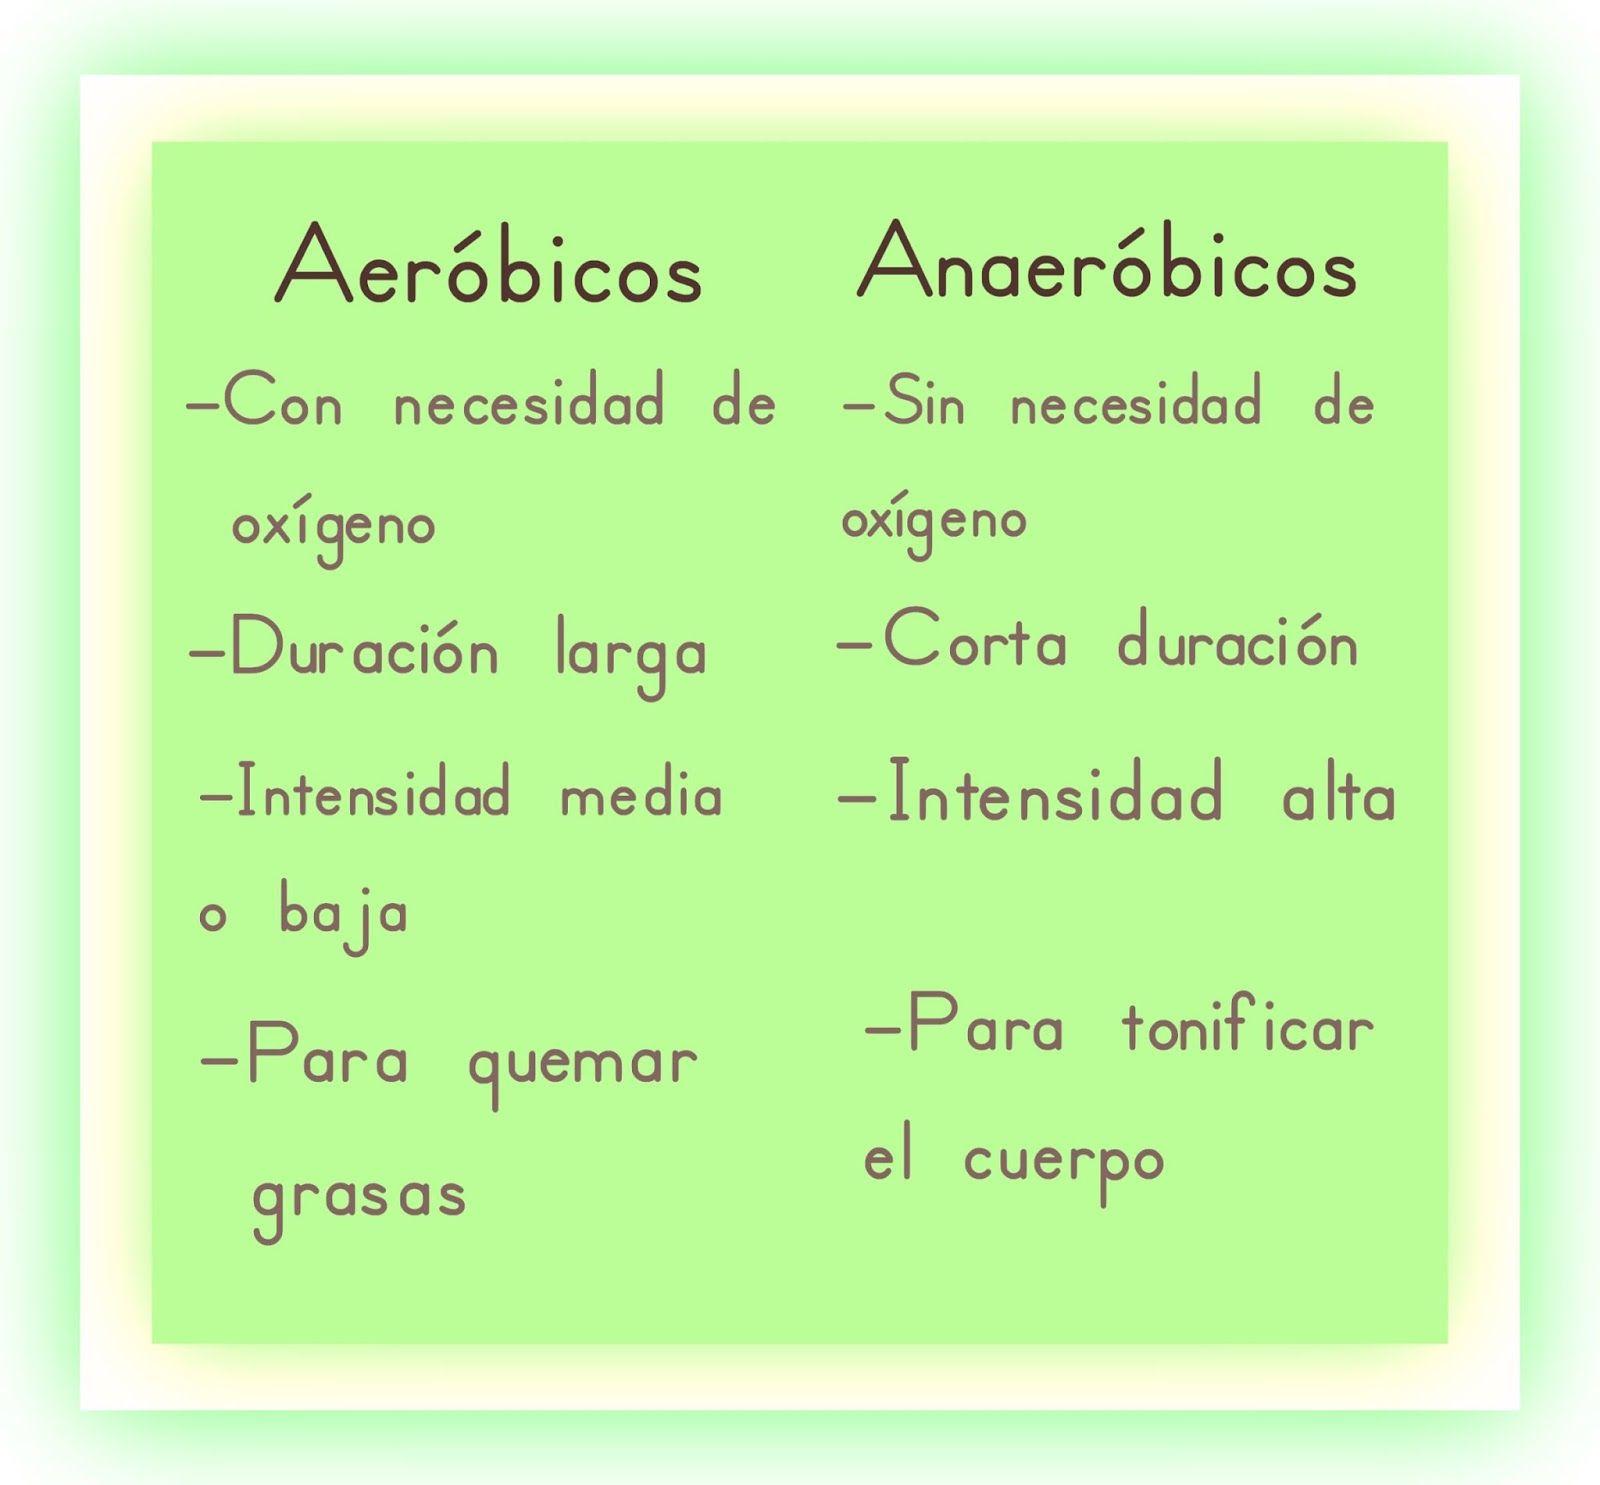 Ejercicios Anaeróbicos Y Aeróbicos Ejercicio Anaeróbico Ejercicios Cuerpo